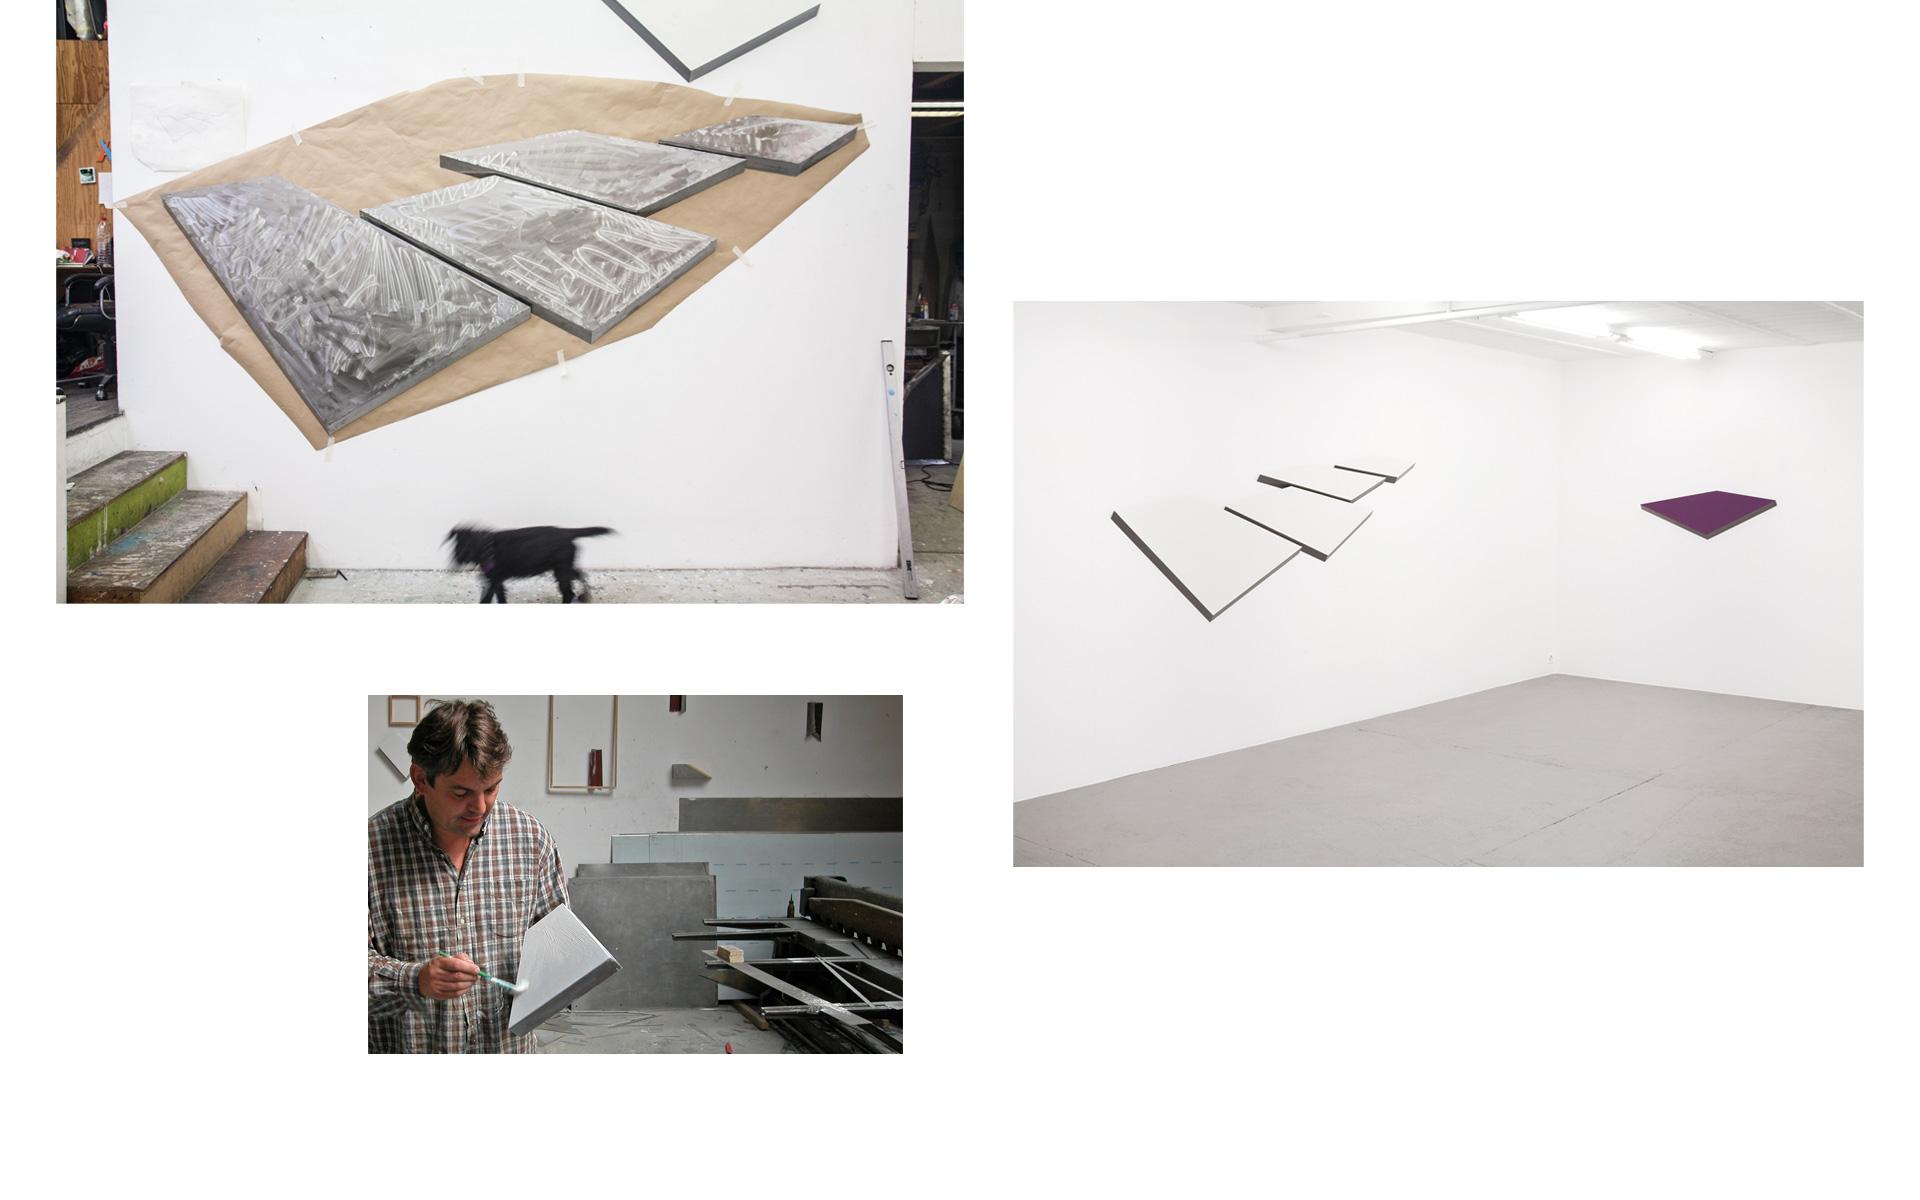 left: Studio views, 2012 / right: Installation view Gallery Une, Neuchâtel, 2012 - Photos: Christoph Valentien